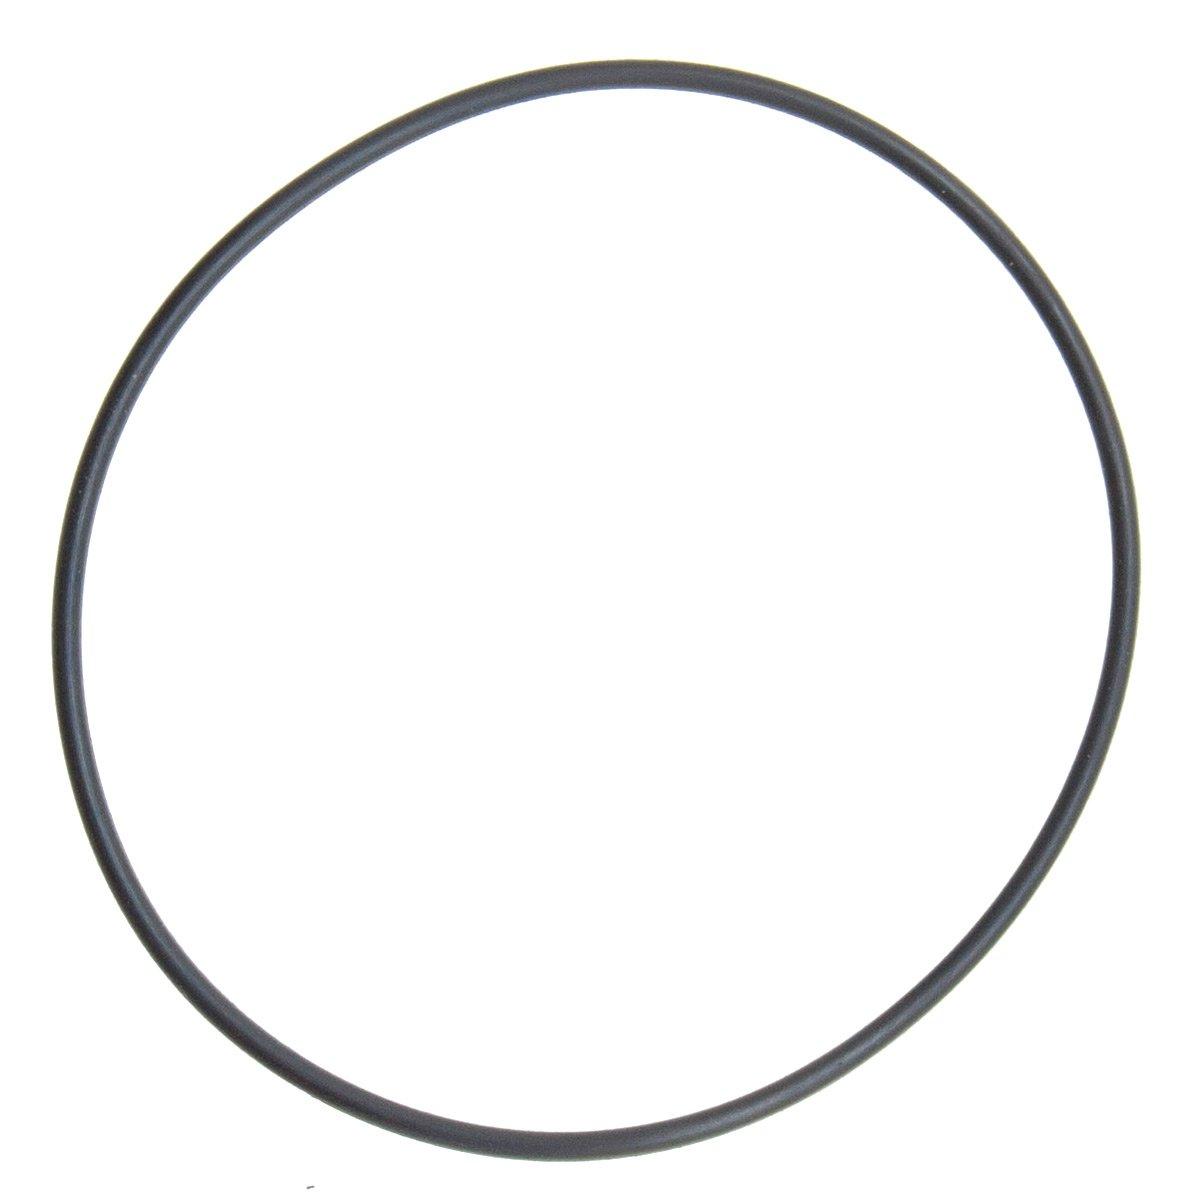 Dichtring/O-Ring 95 x 2 mm FKM 70 - braun oder schwarz, Menge 2 Stü ck Diehr & Rabenstein